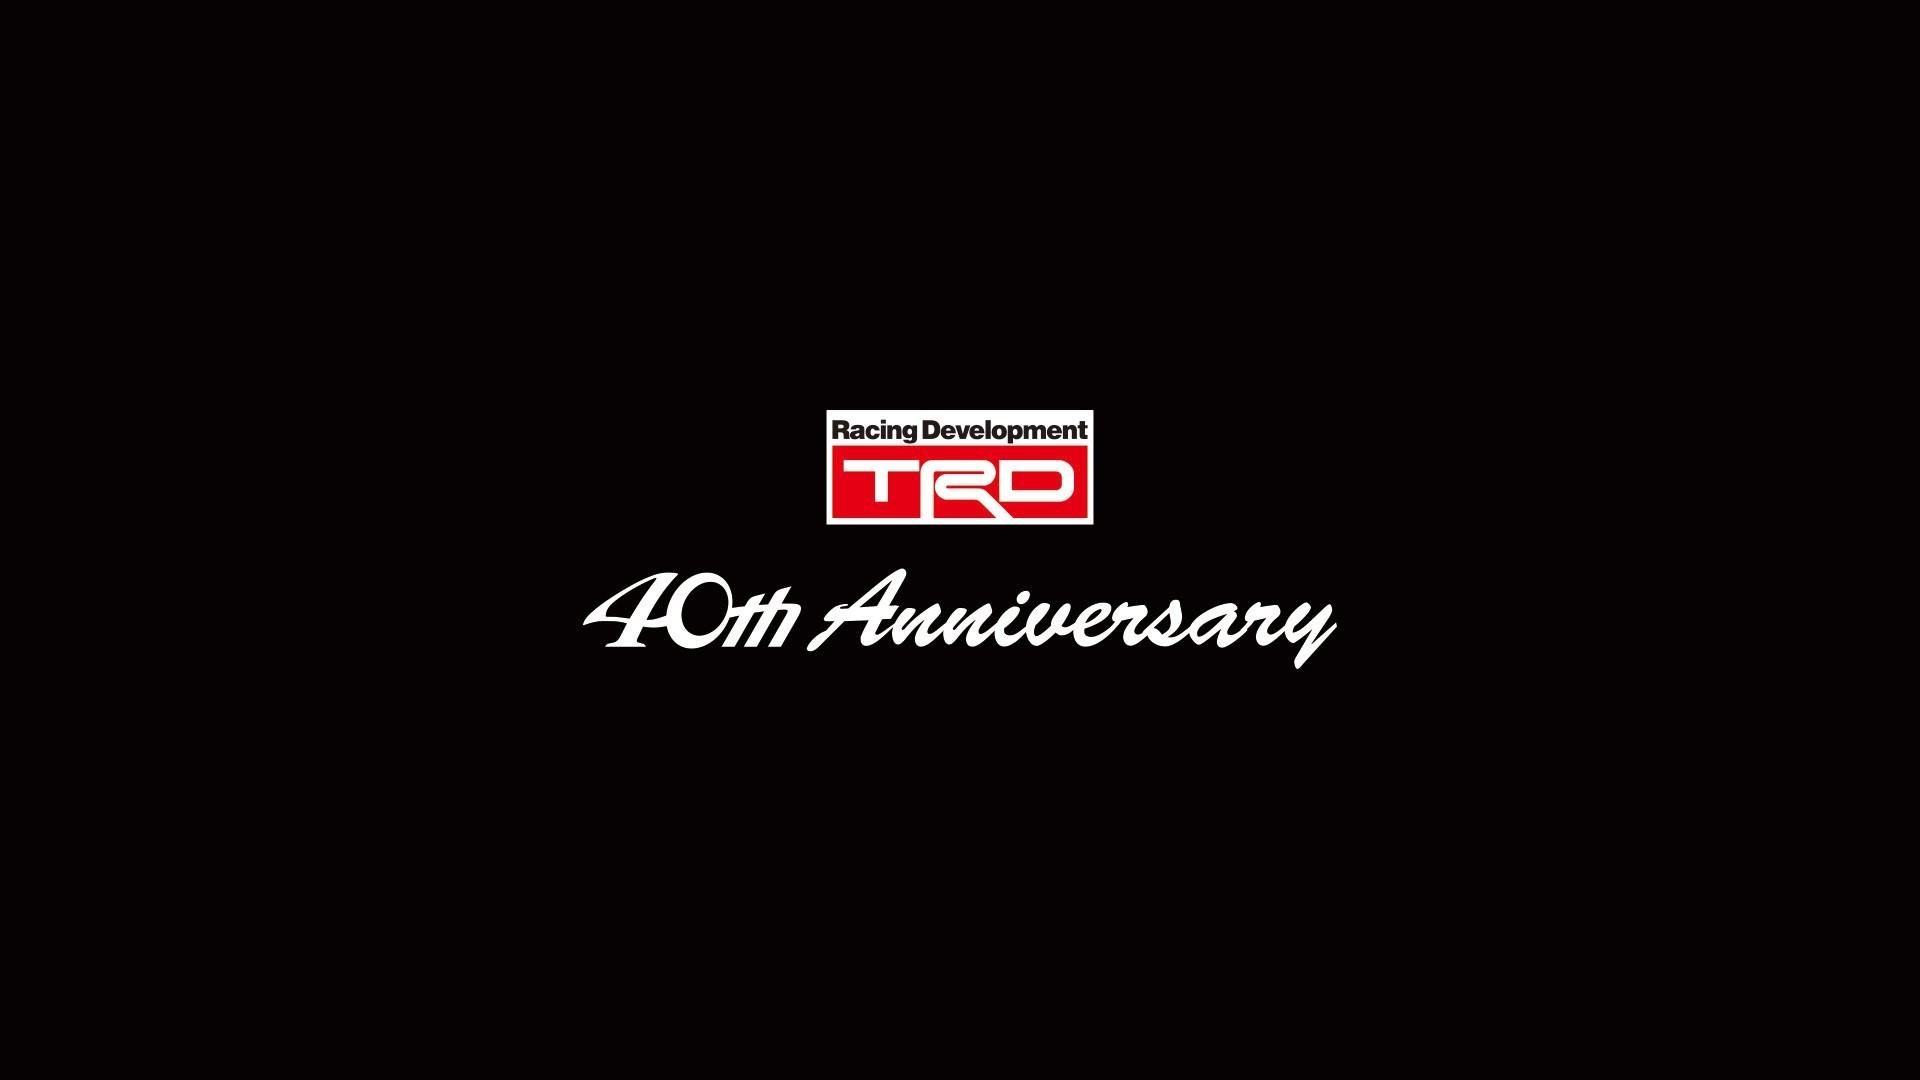 Trd Logo Wallpaper 59 Images